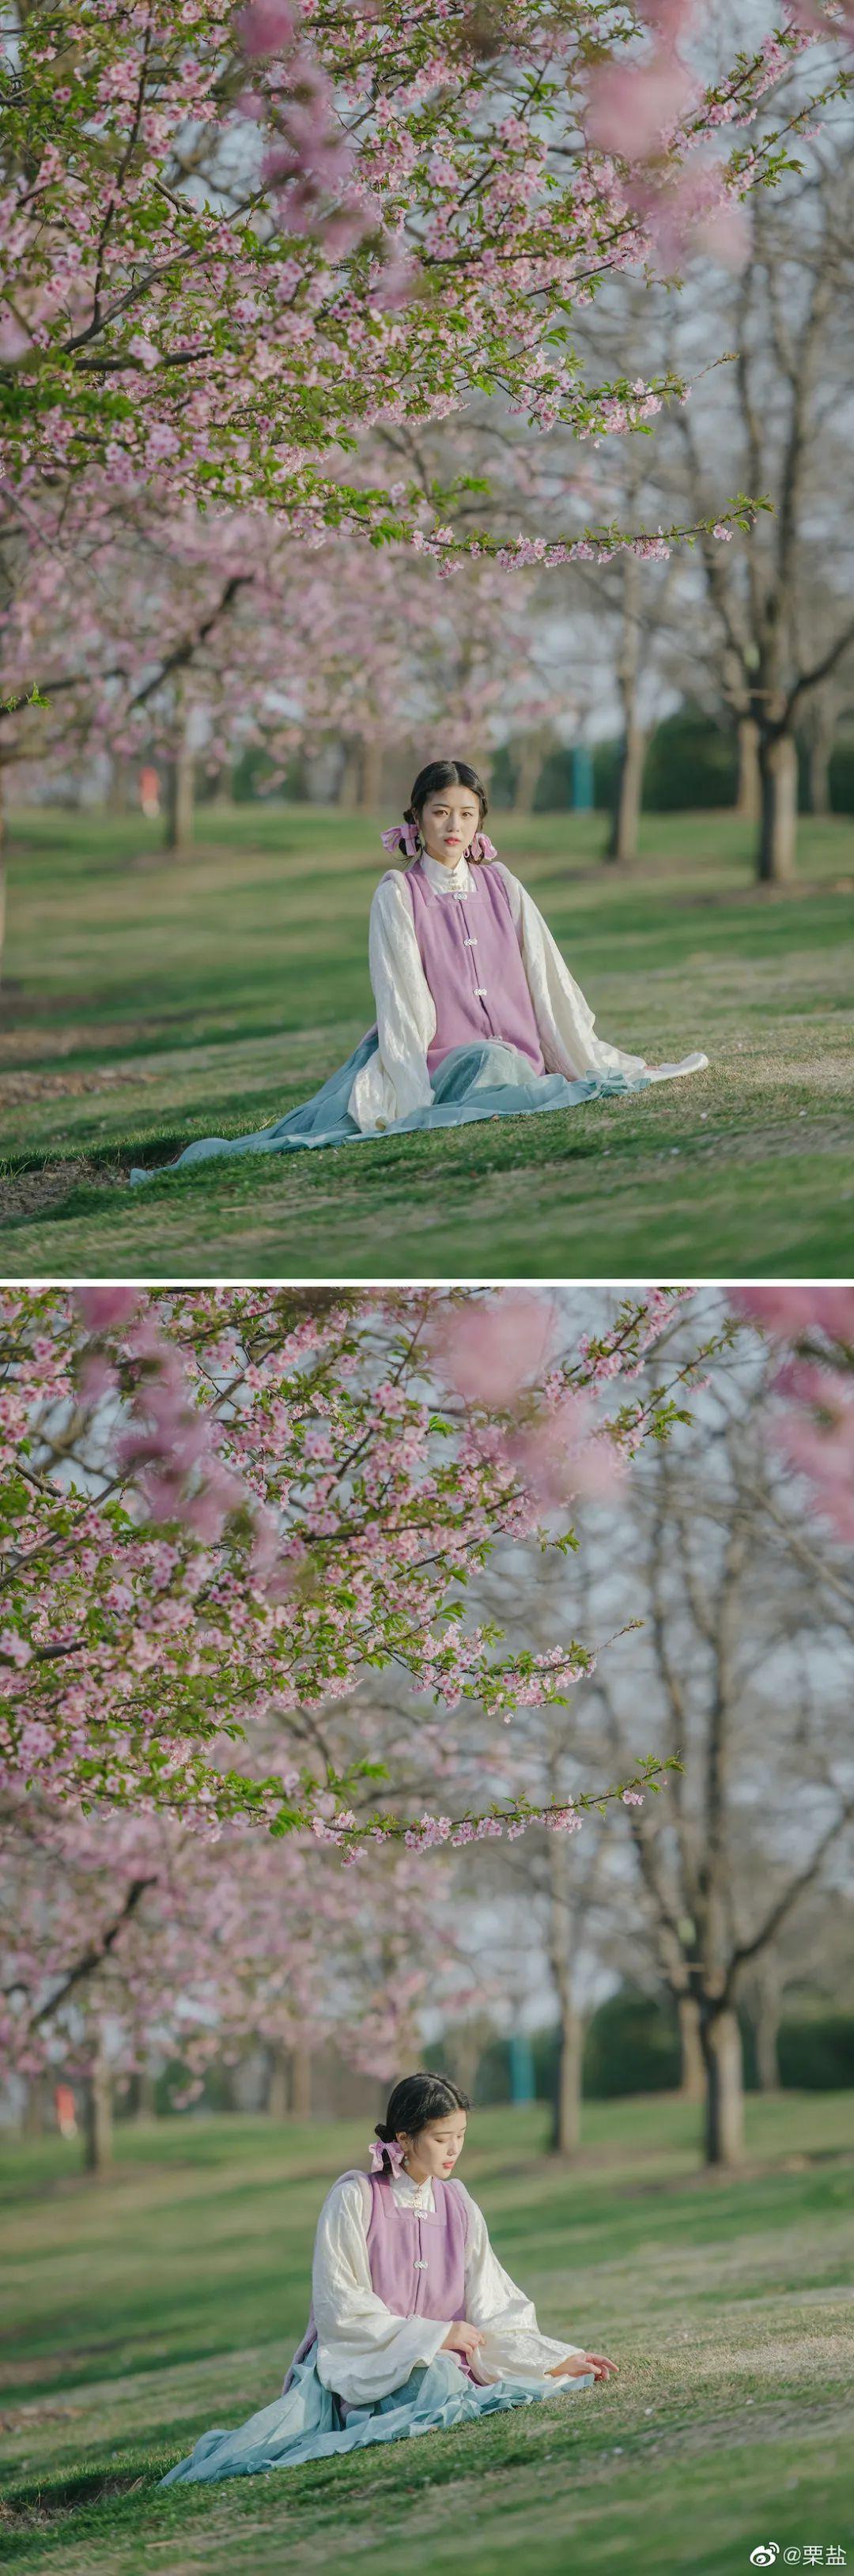 【汉服摄影】樱花树下